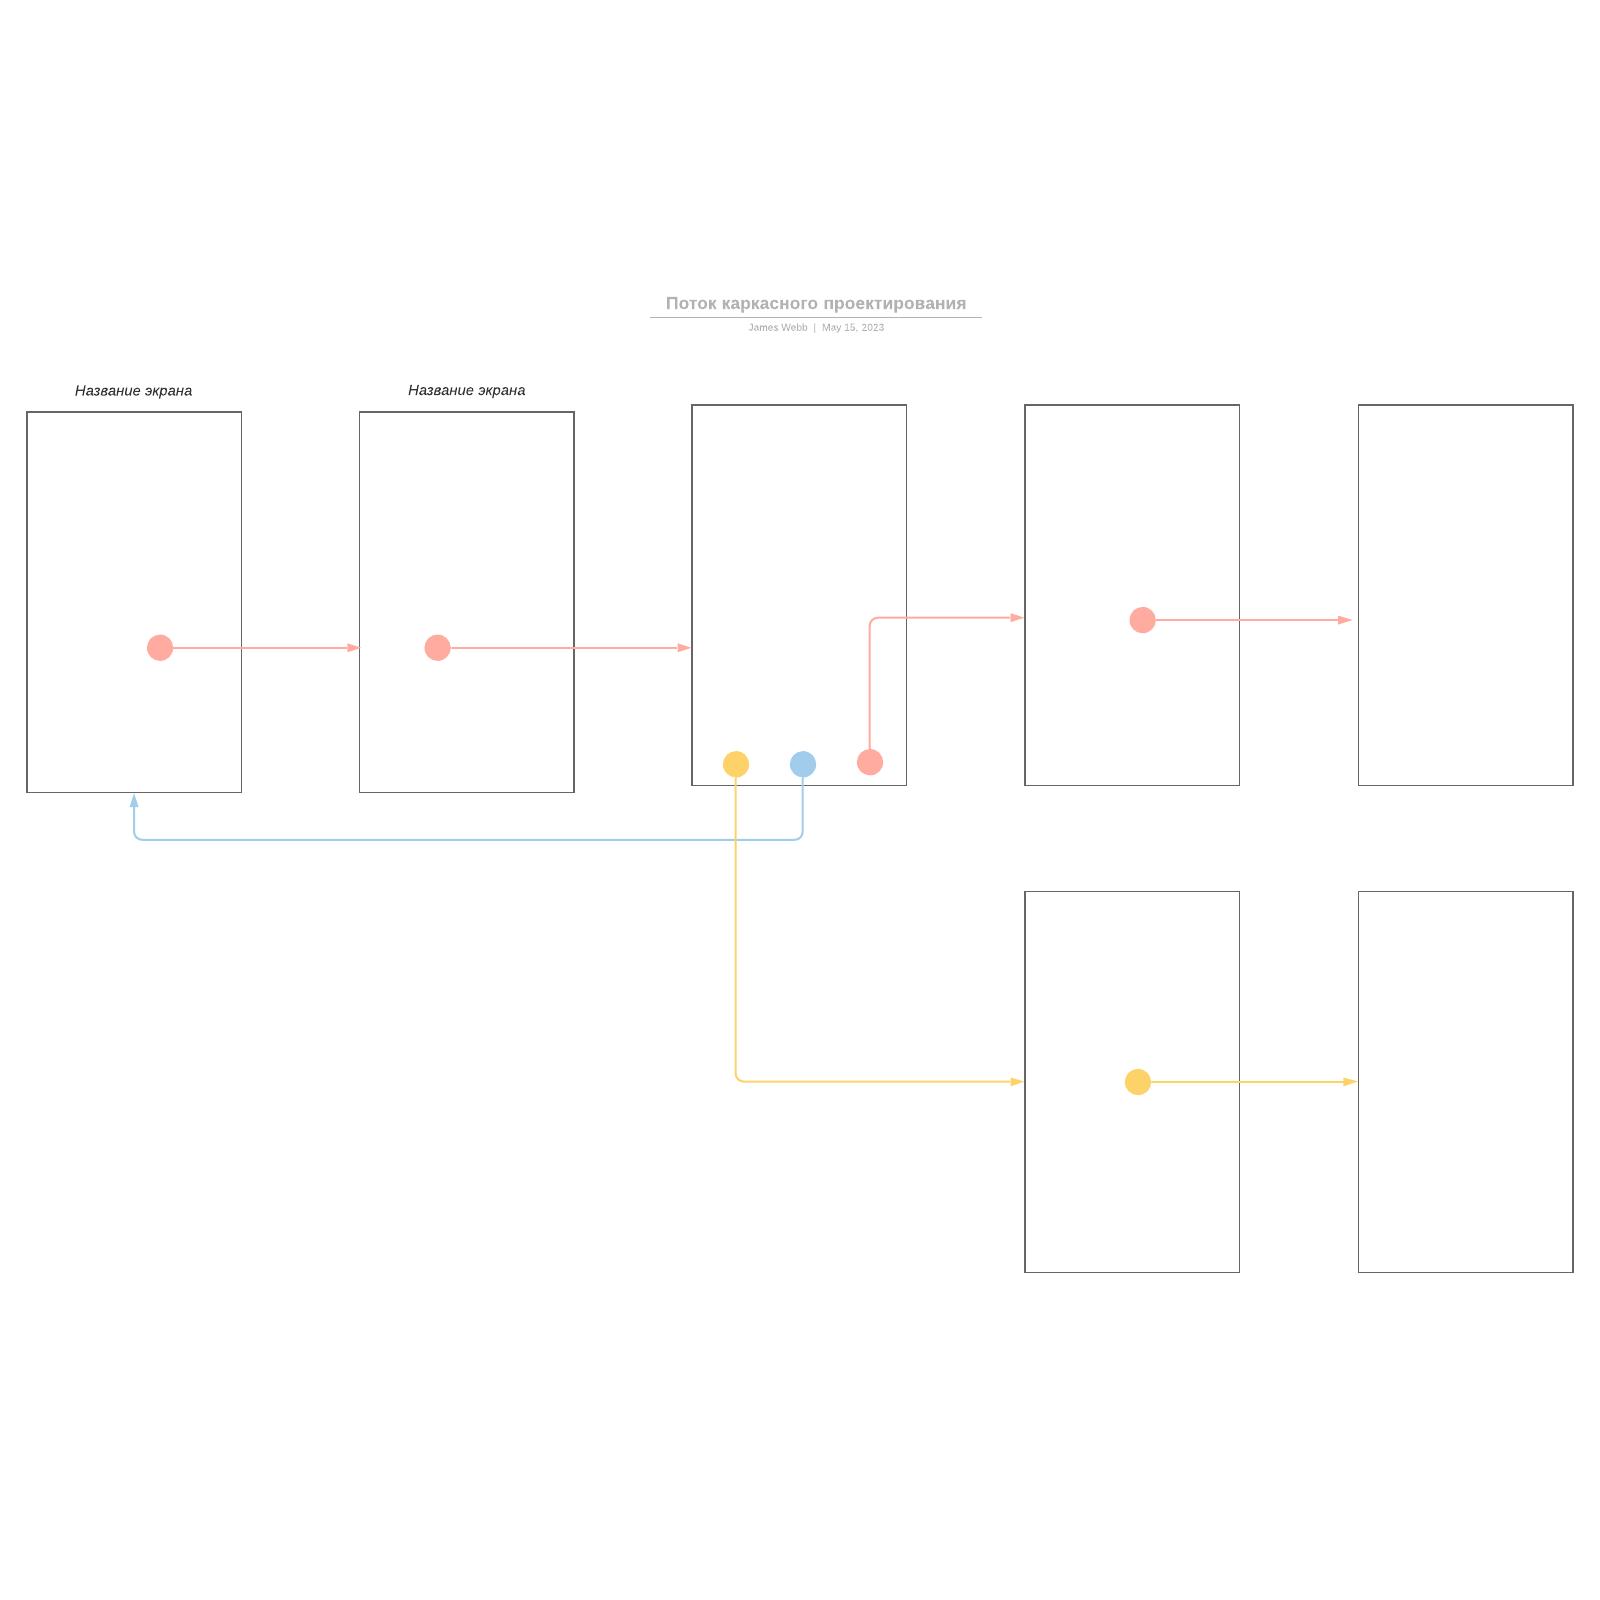 Поток каркасного проектирования